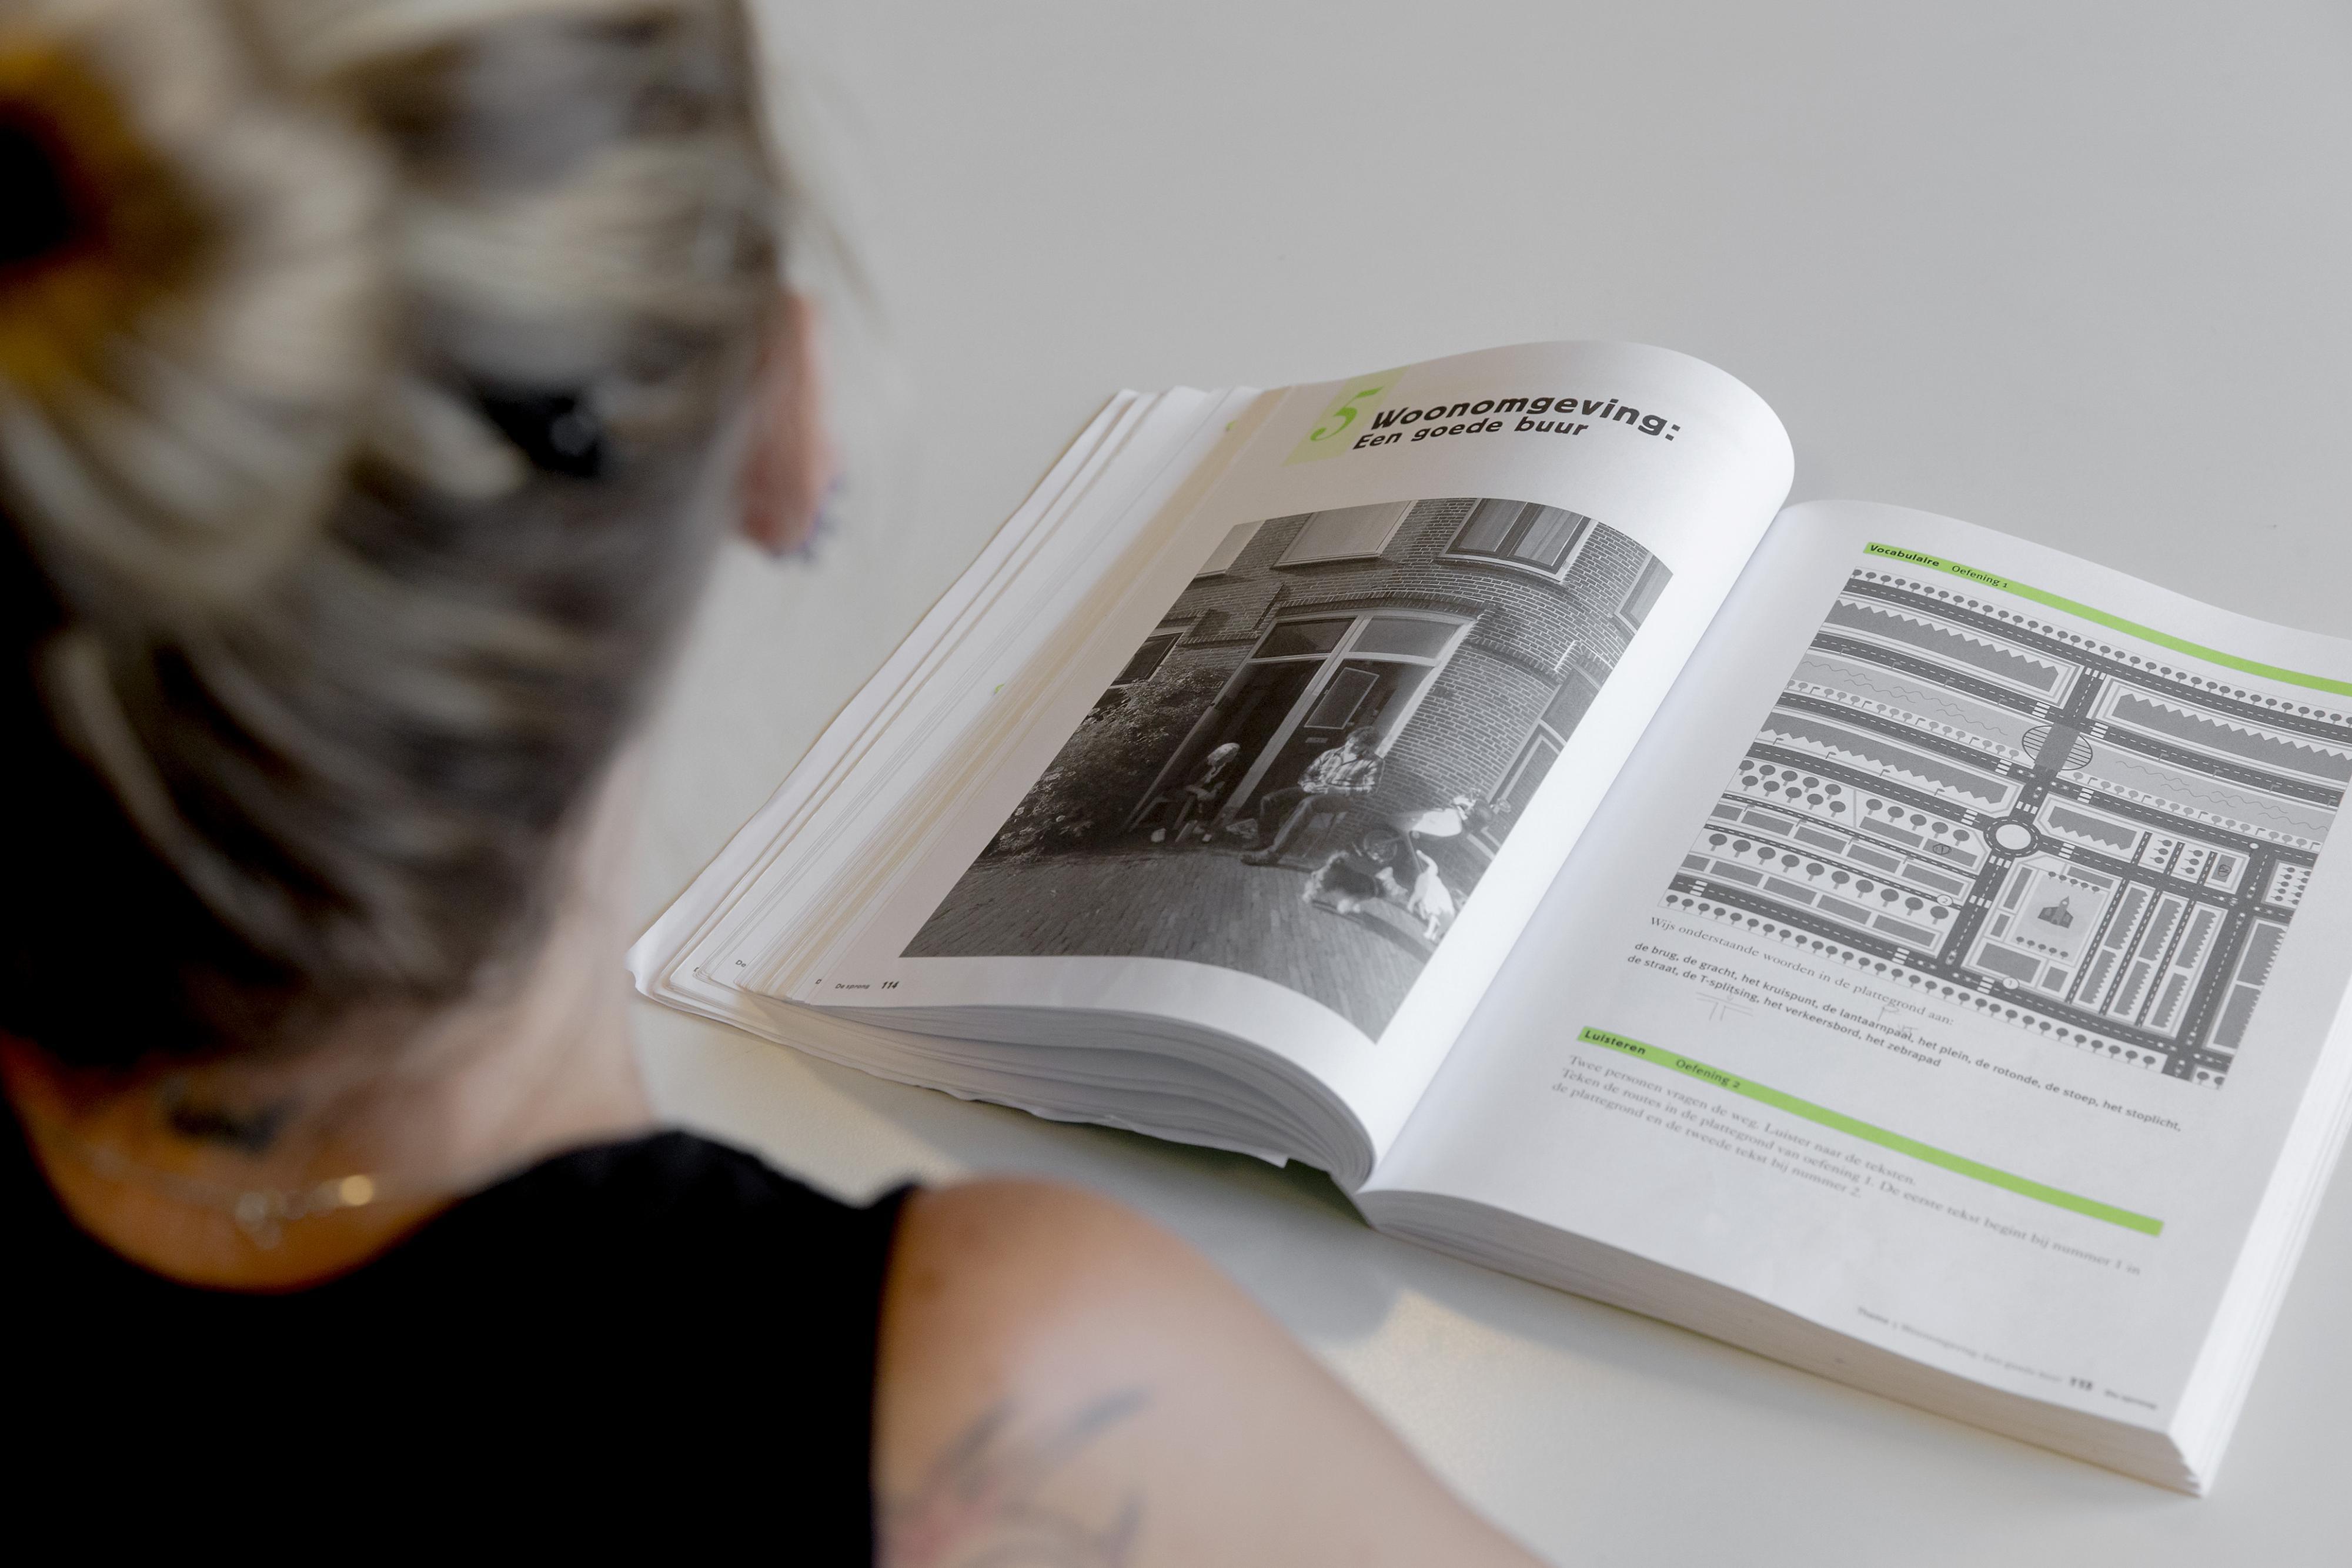 Een cursist van het Haagse ROC Mondriaan leest een lesboek tijdens een les Nederlands voor anderstaligen. Foto: ANP